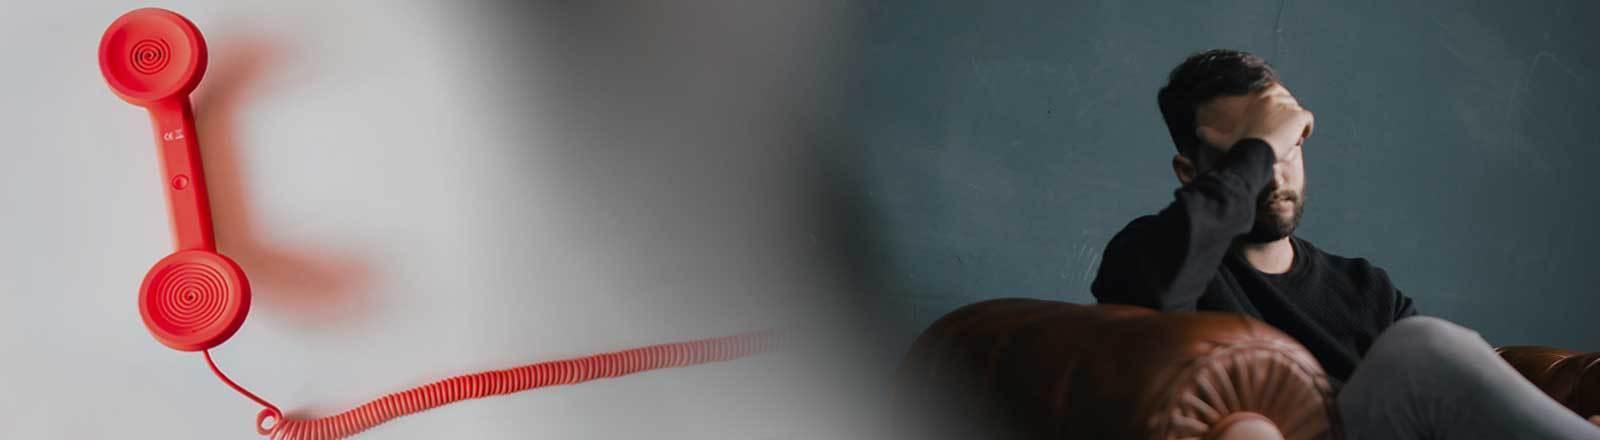 Collage: Telefonhörer und bedrückter Mann